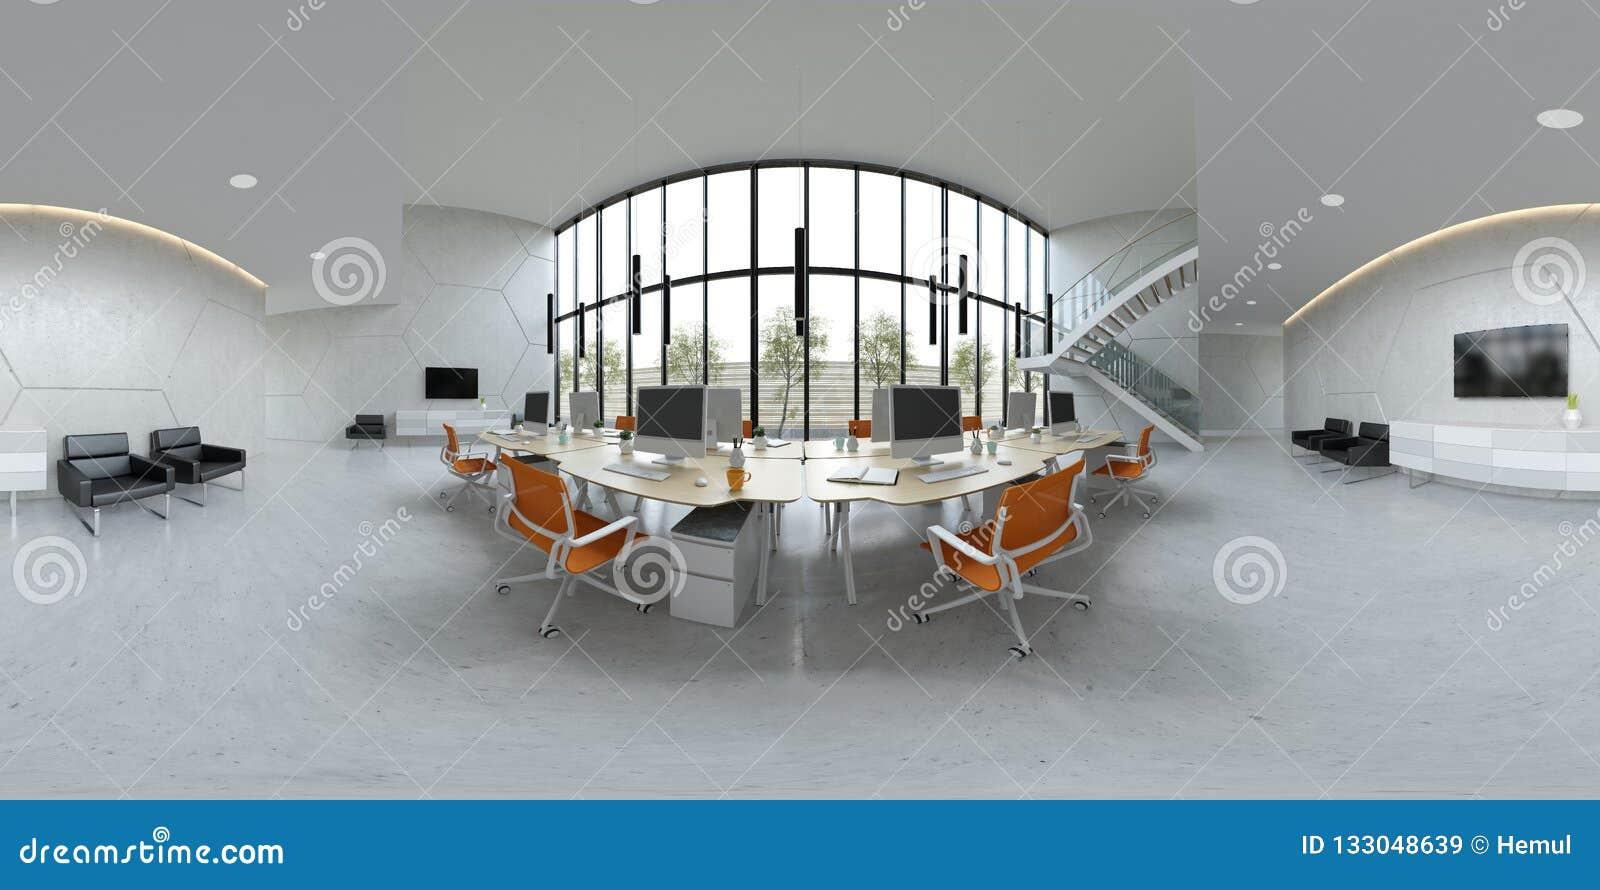 Σφαιρική πανοράματος 360 τρισδιάστατη απεικόνιση γραφείων ανοιχτού χώρου προβολής εσωτερική